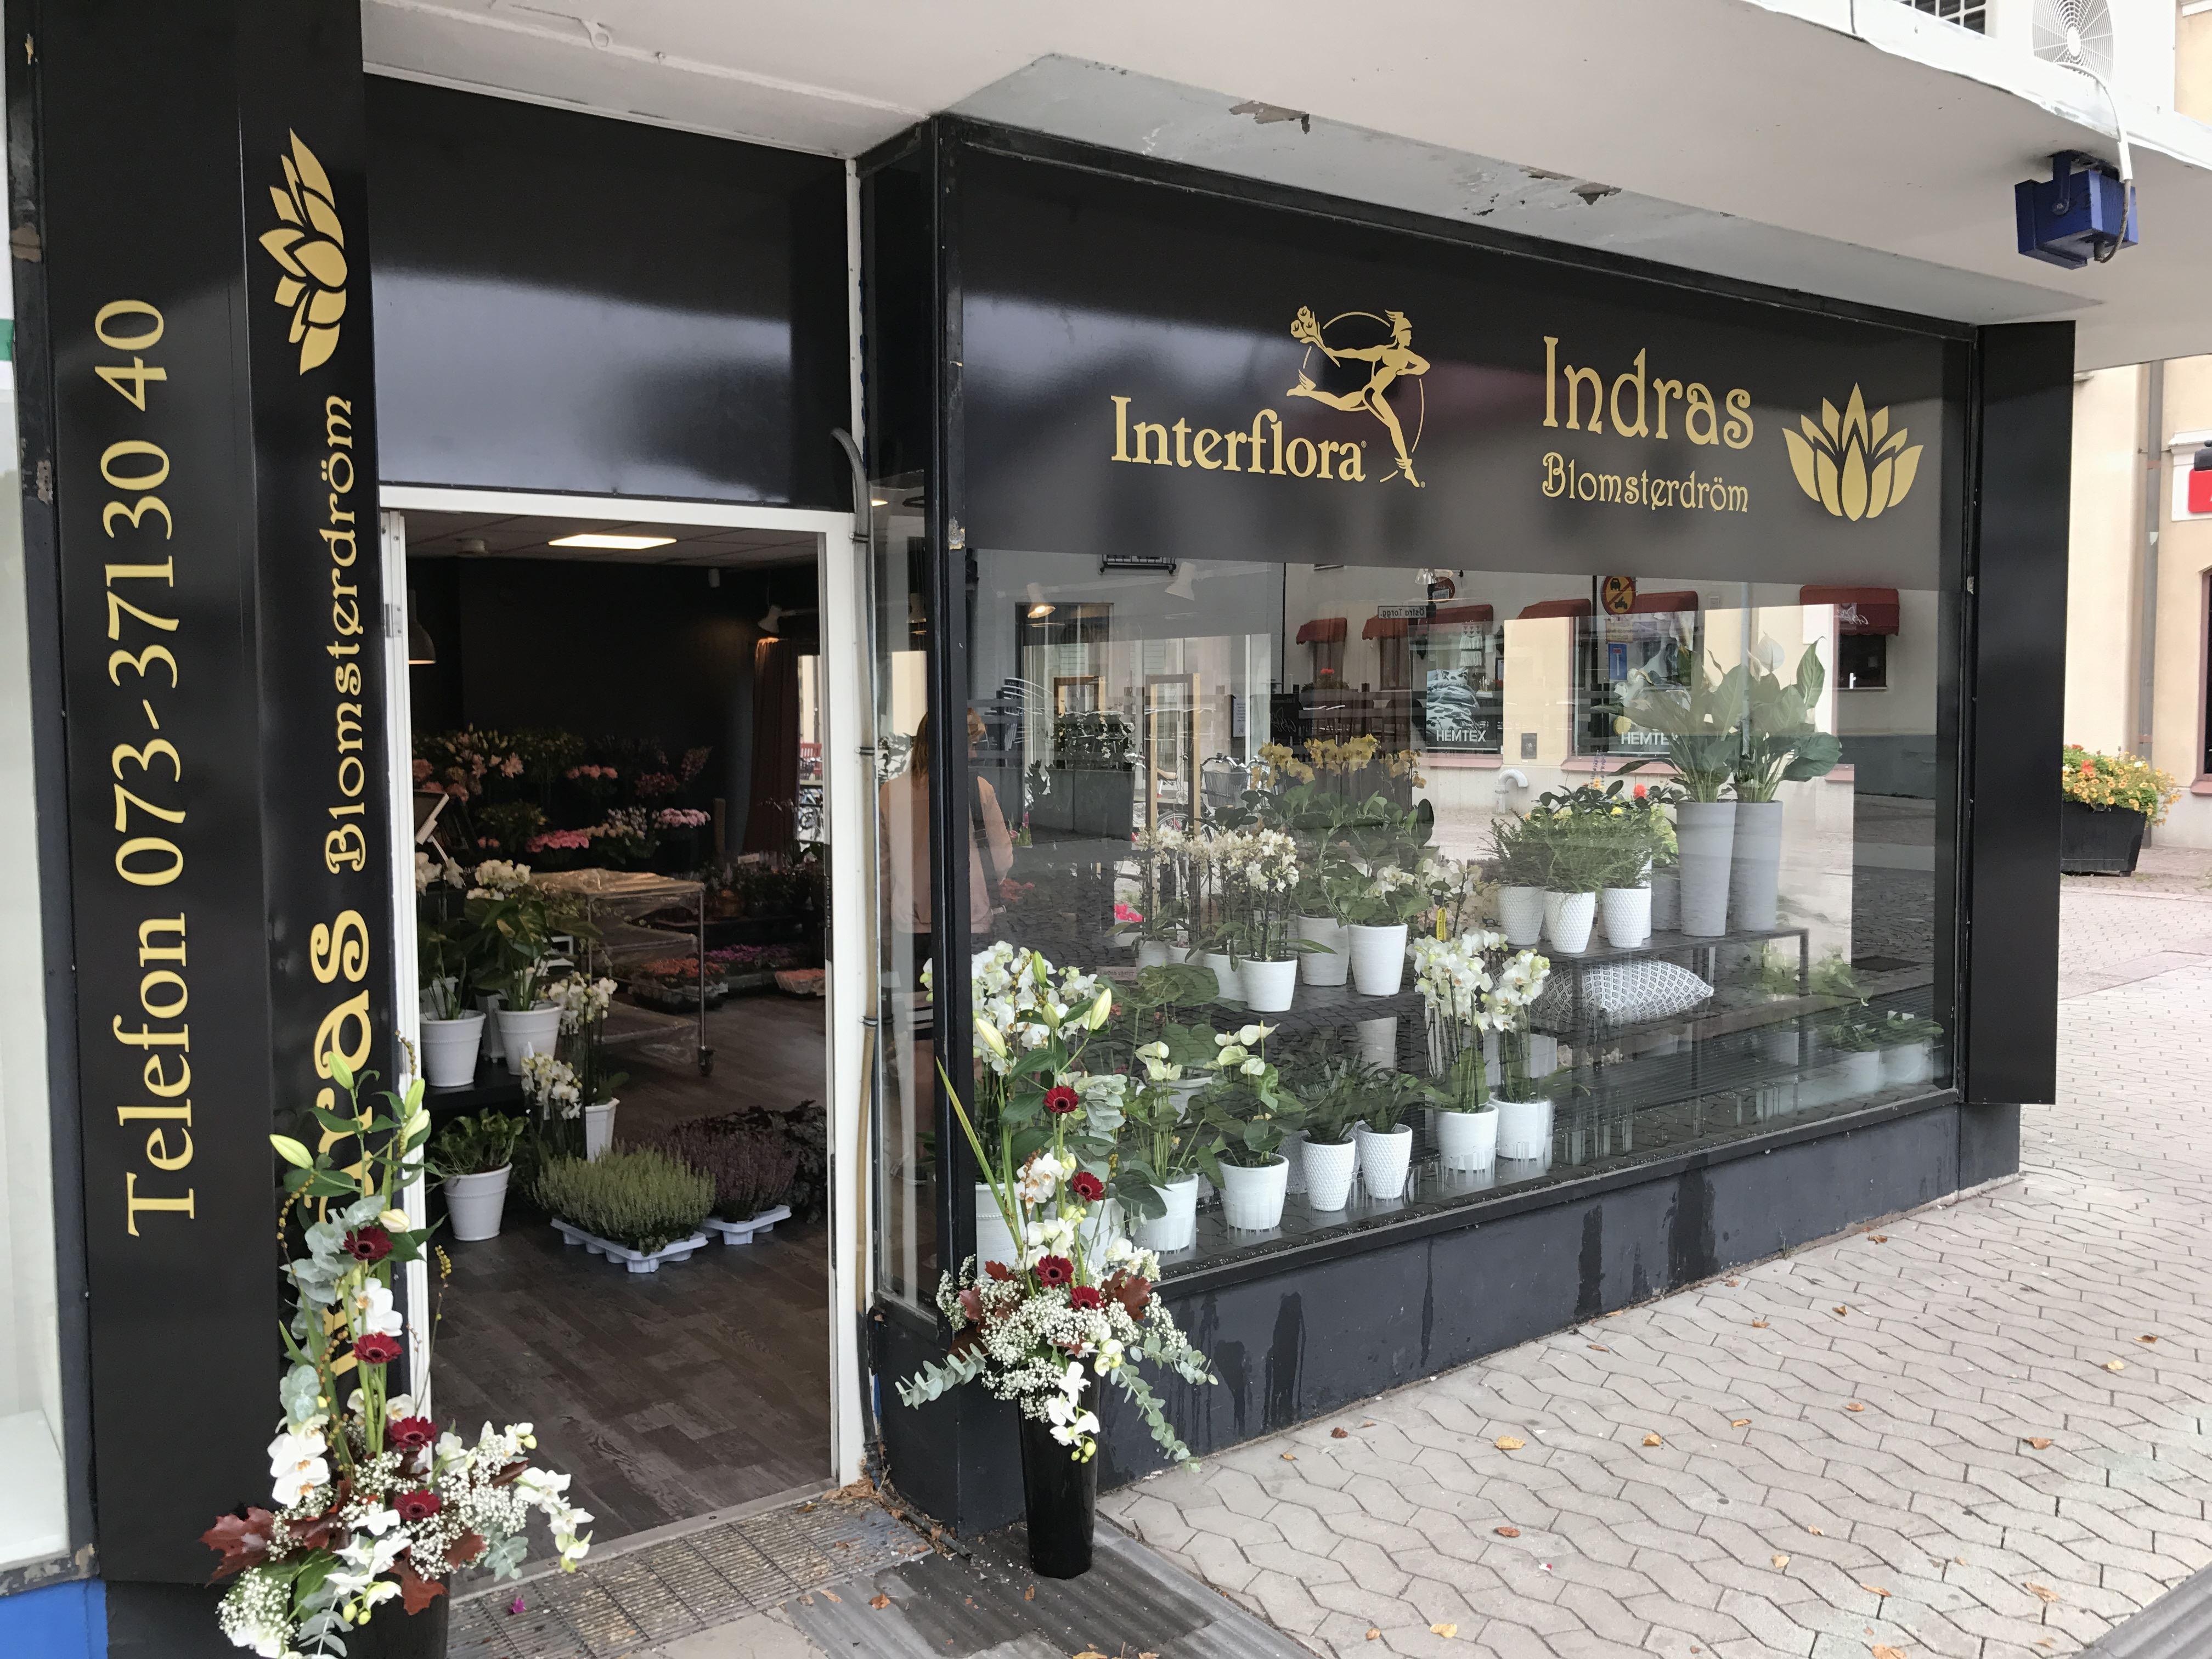 Indras Blomsterdröm